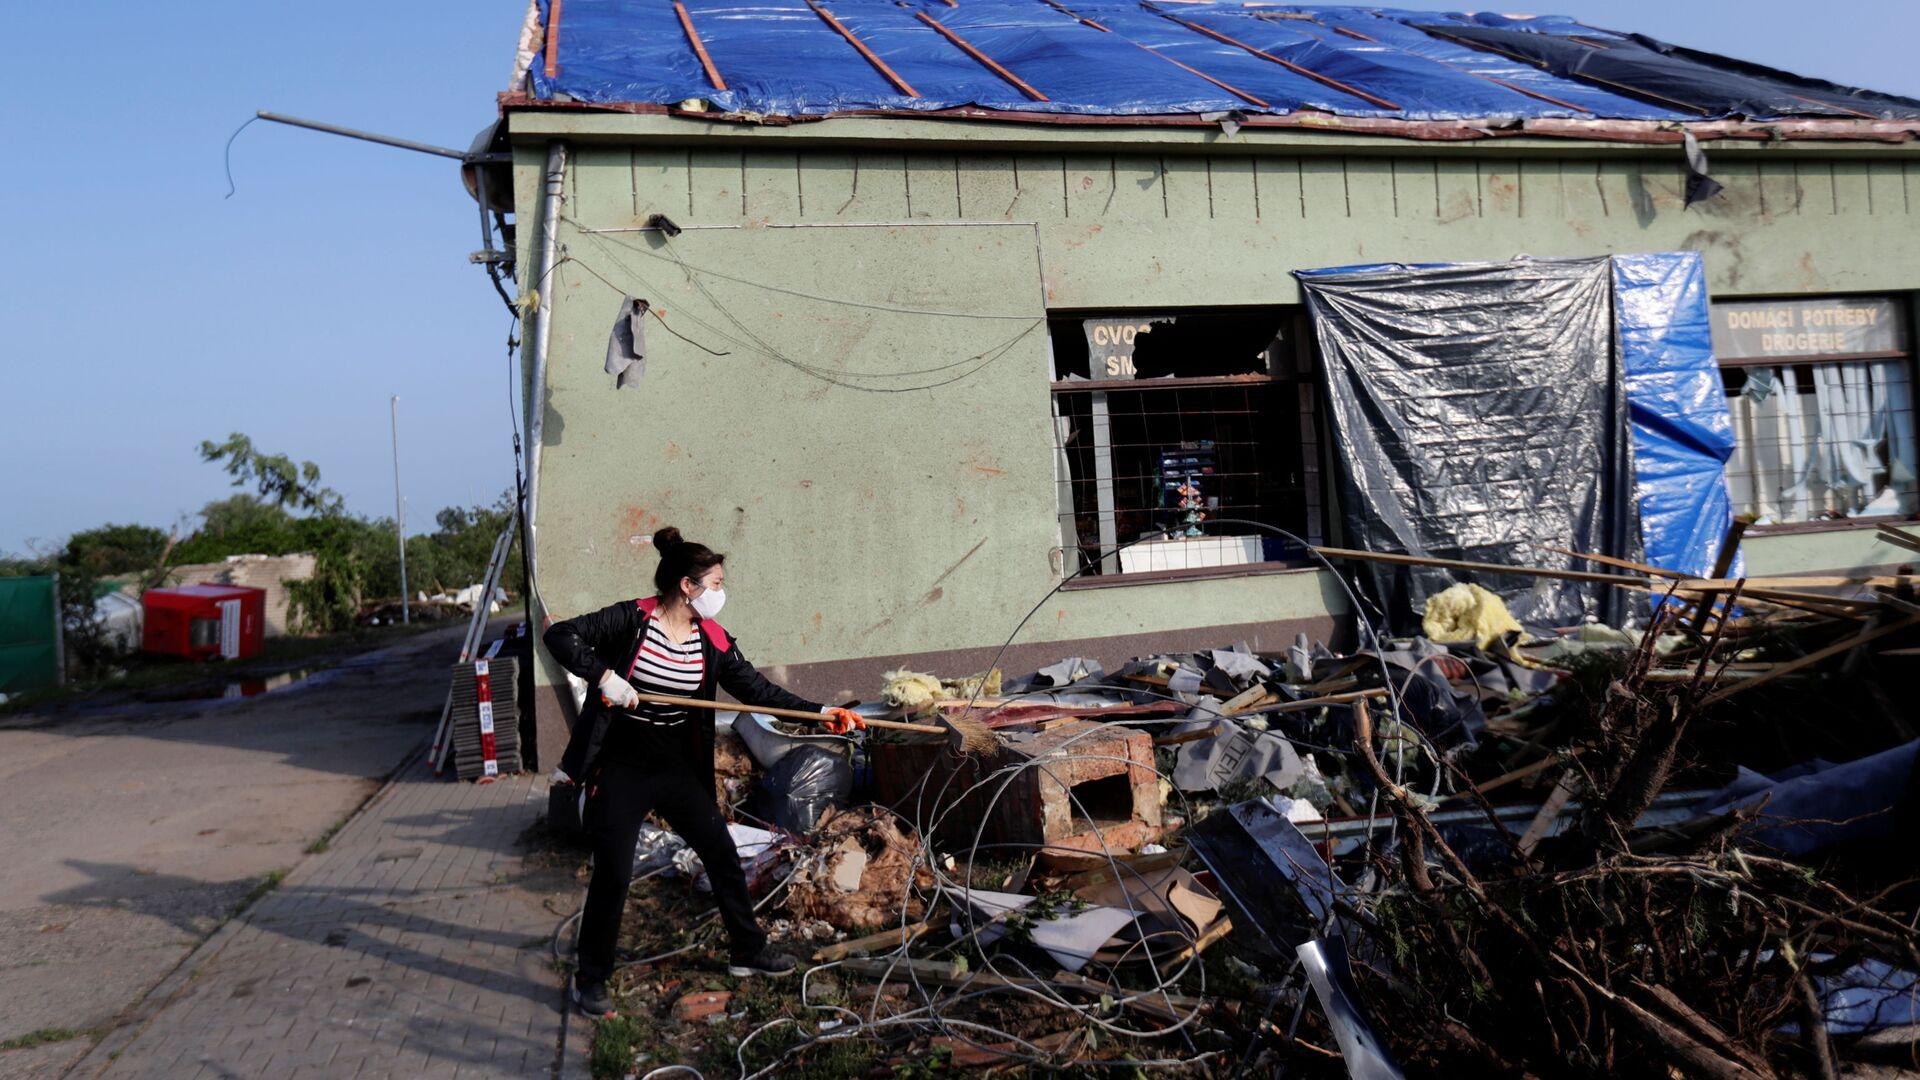 Žena zametá odpadky u poškozeného obchodu po tornádu v obci Lužice - Sputnik Česká republika, 1920, 27.06.2021